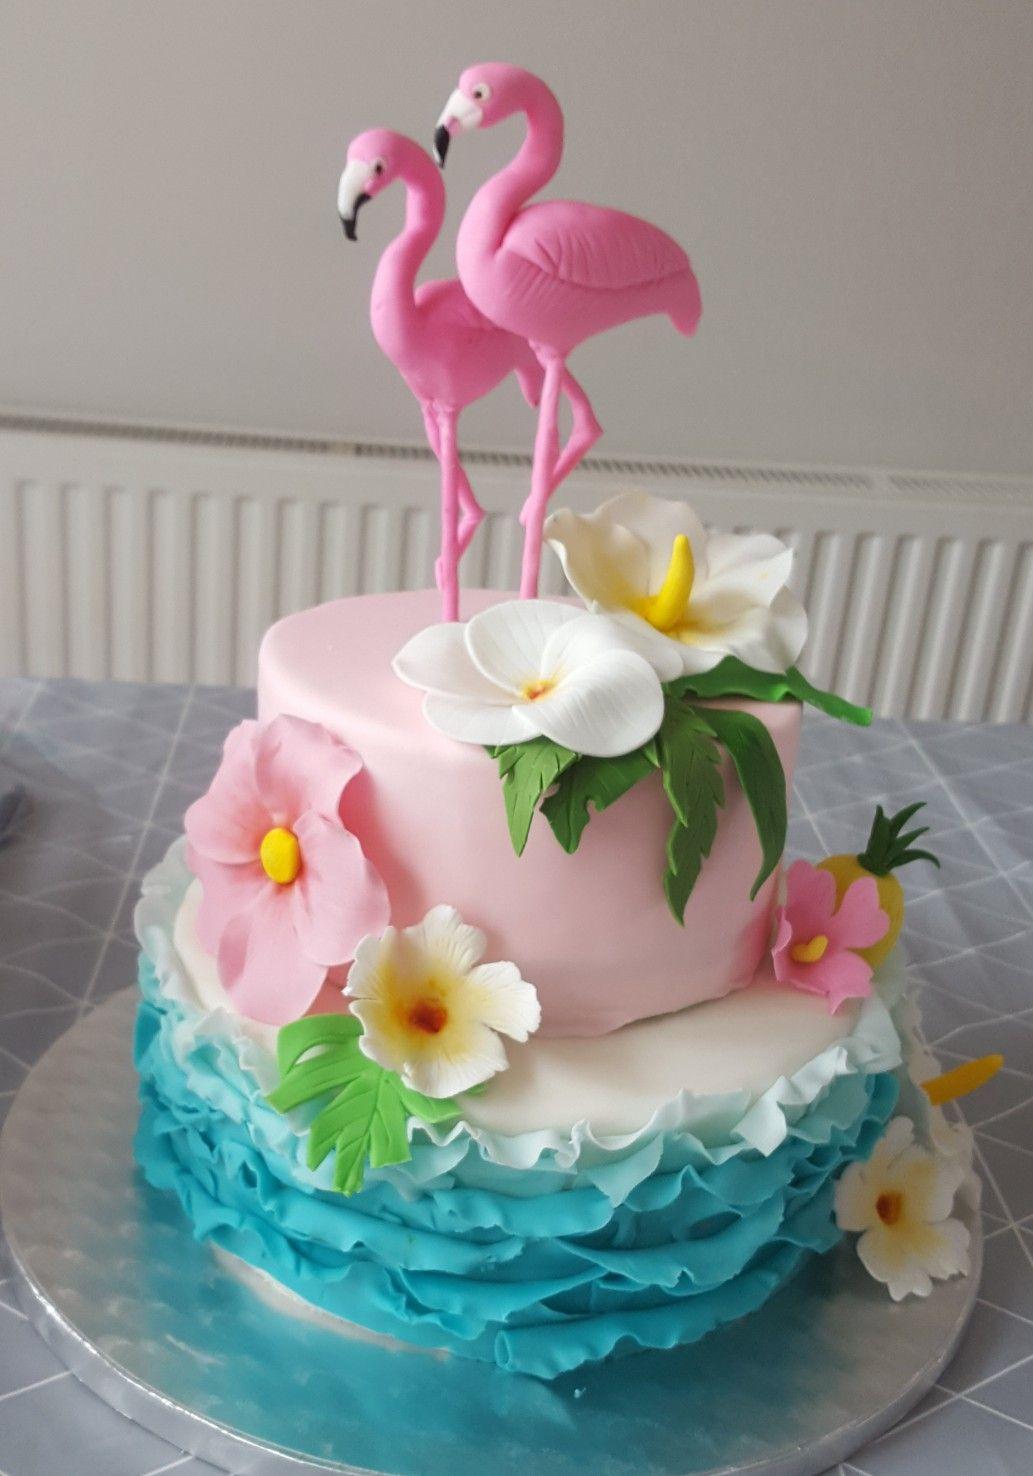 flamingo taart Tropische flamingo taart voor de verjaardag van mijn dochter  flamingo taart